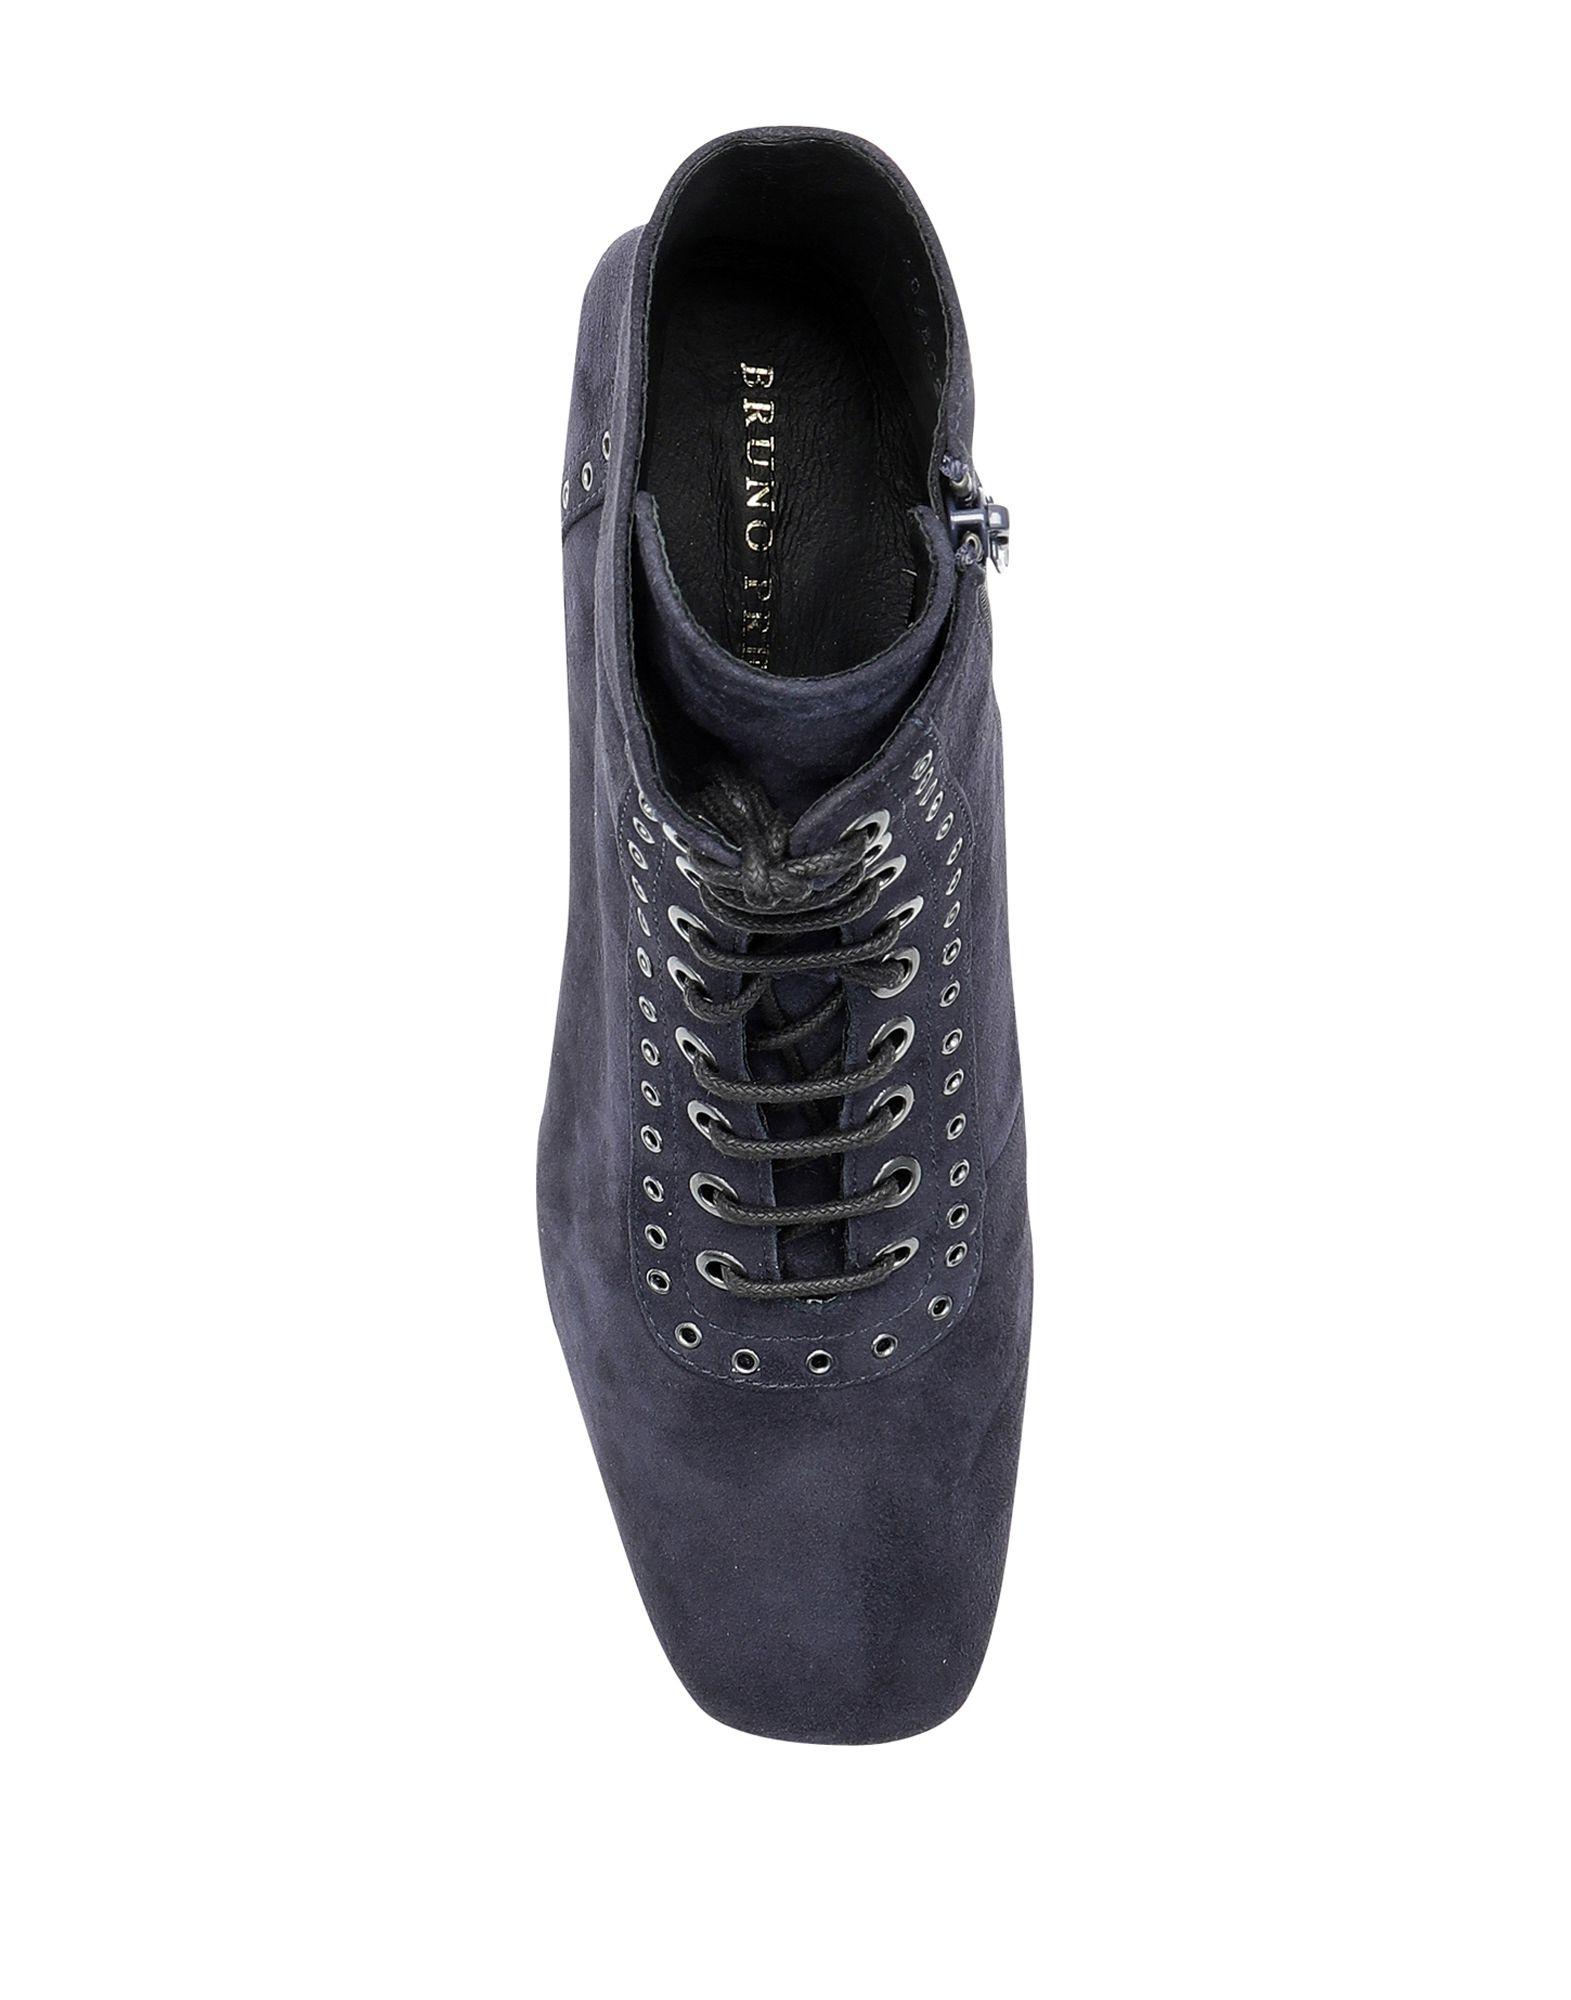 Stilvolle billige Schuhe Bruno Premi Premi Premi Stiefelette Damen  11533082NC 4df57e